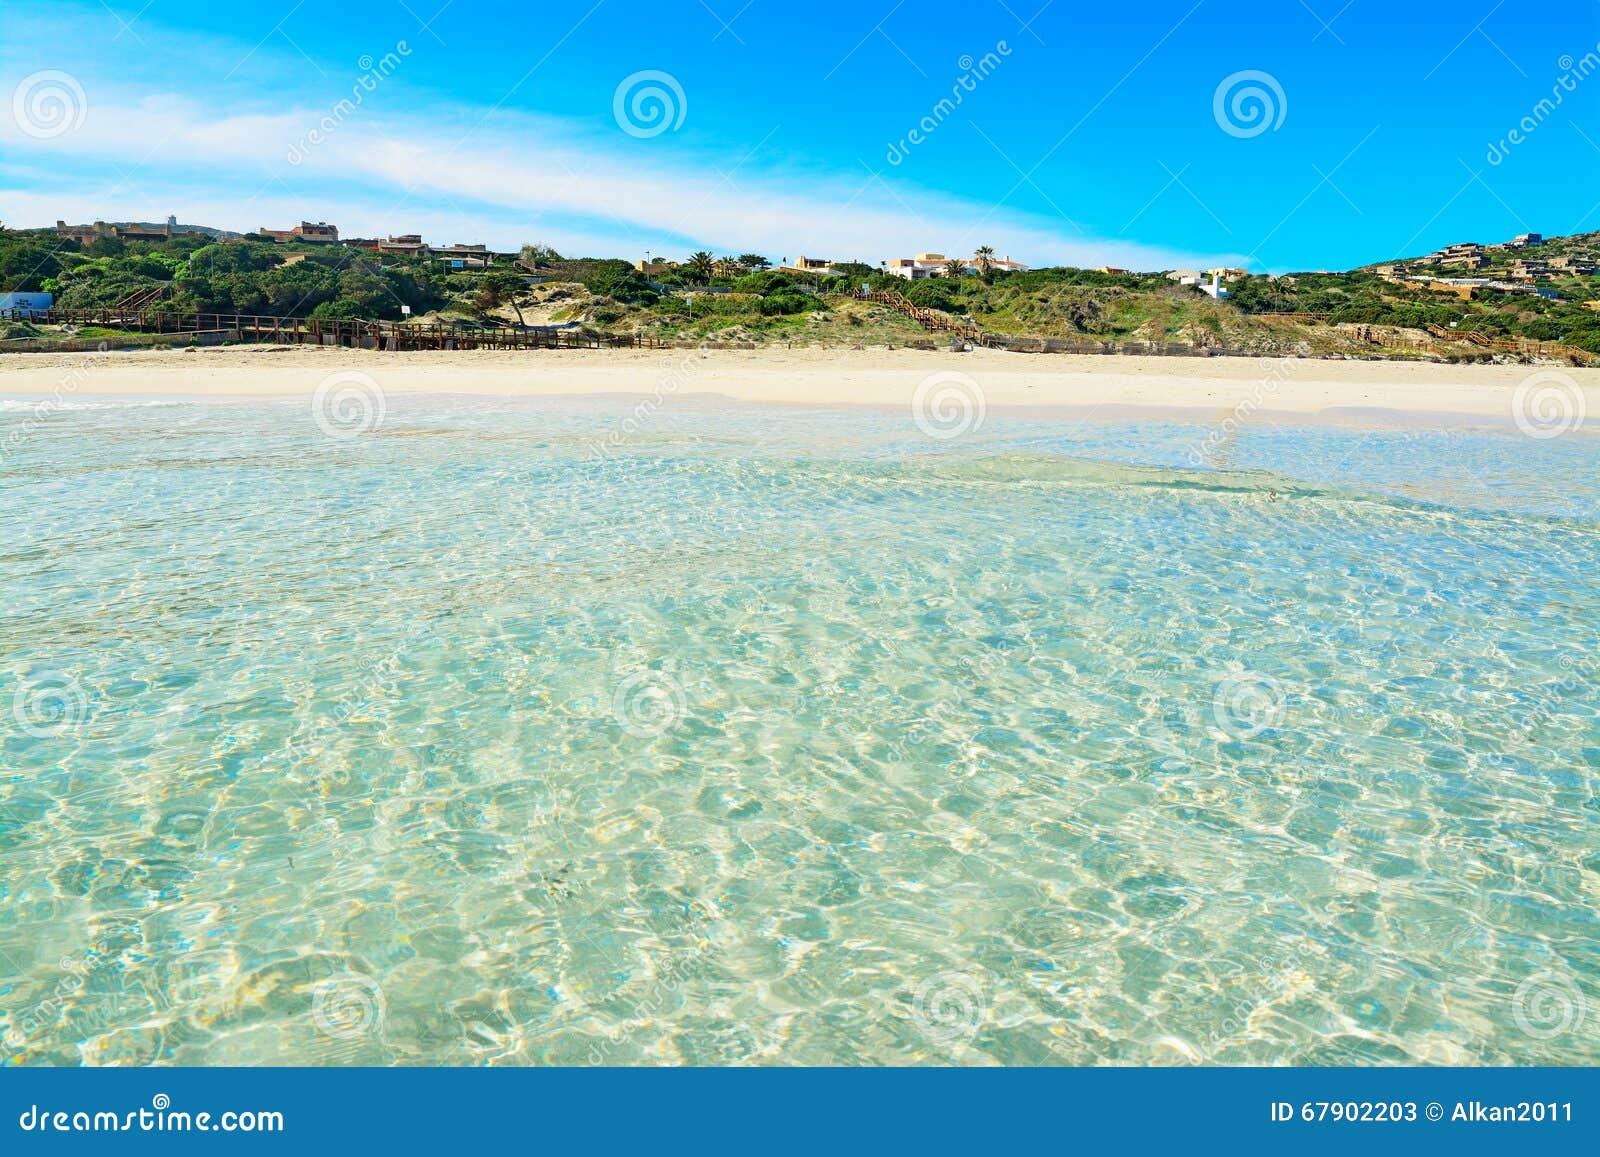 Carta Da Parati Pelosa Rosa : Acqua cristallina in spiaggia di pelosa della la immagine stock